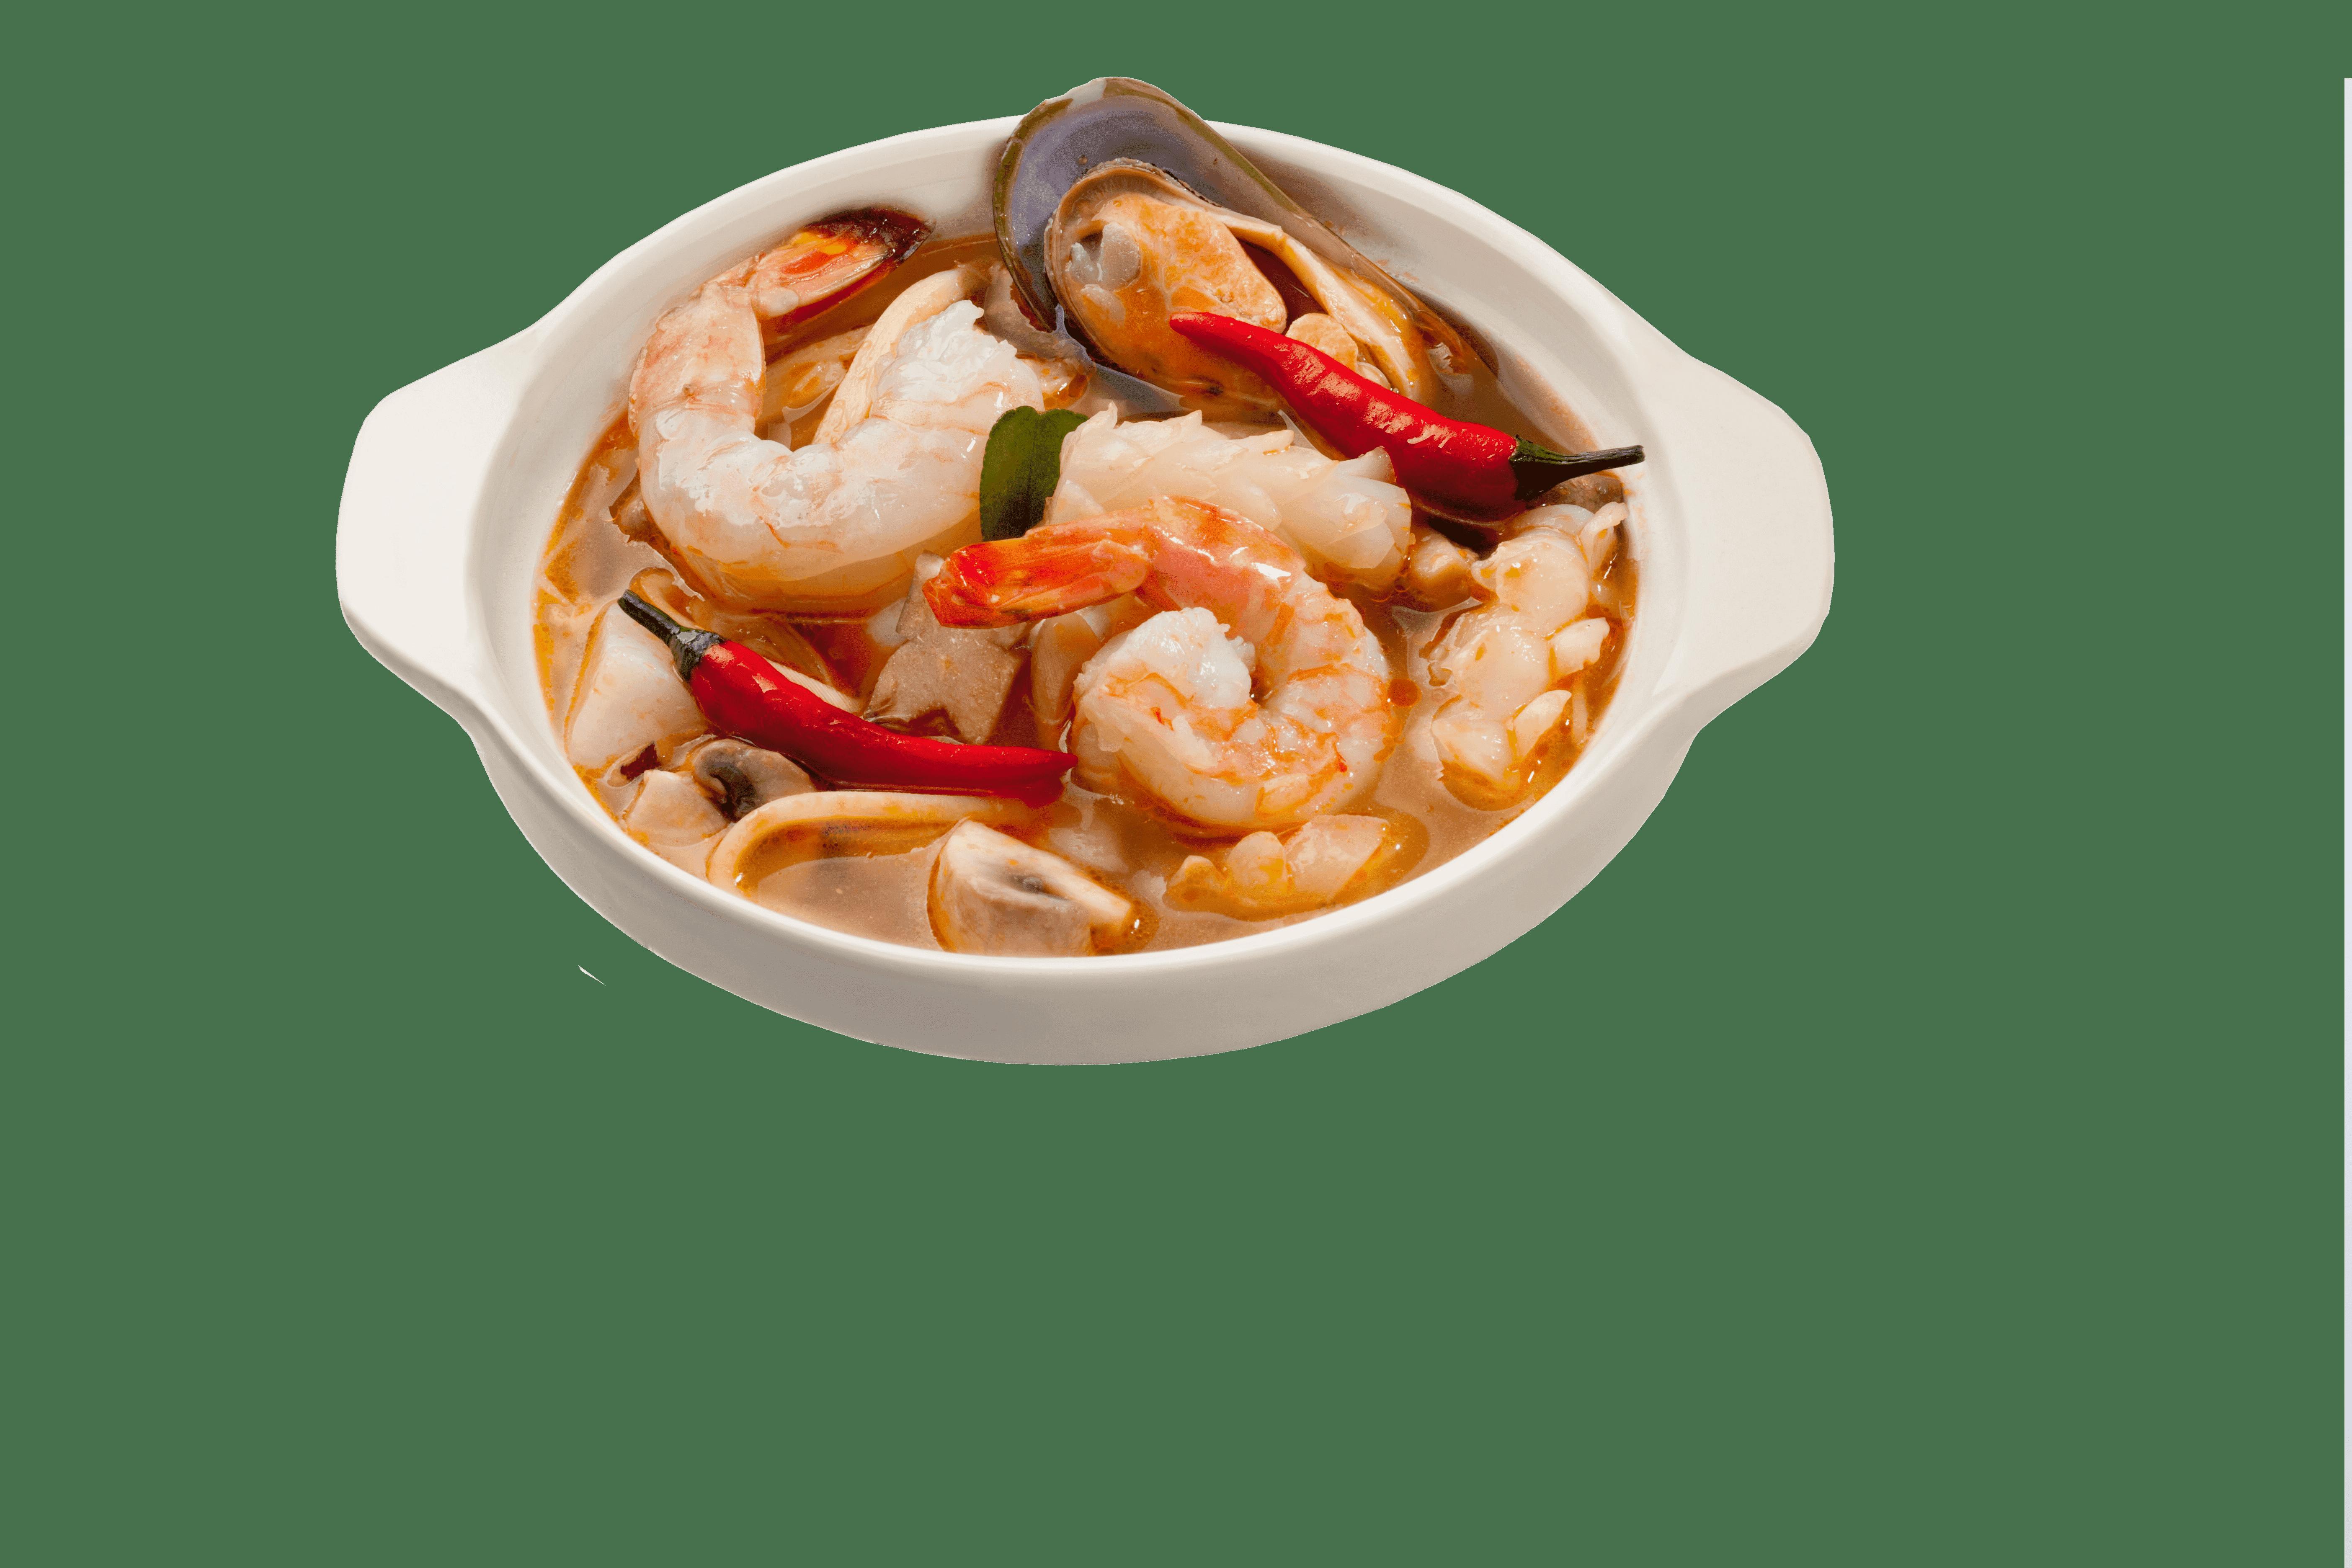 Тайский суп с морепродуктами и бамбуком Том ям тале